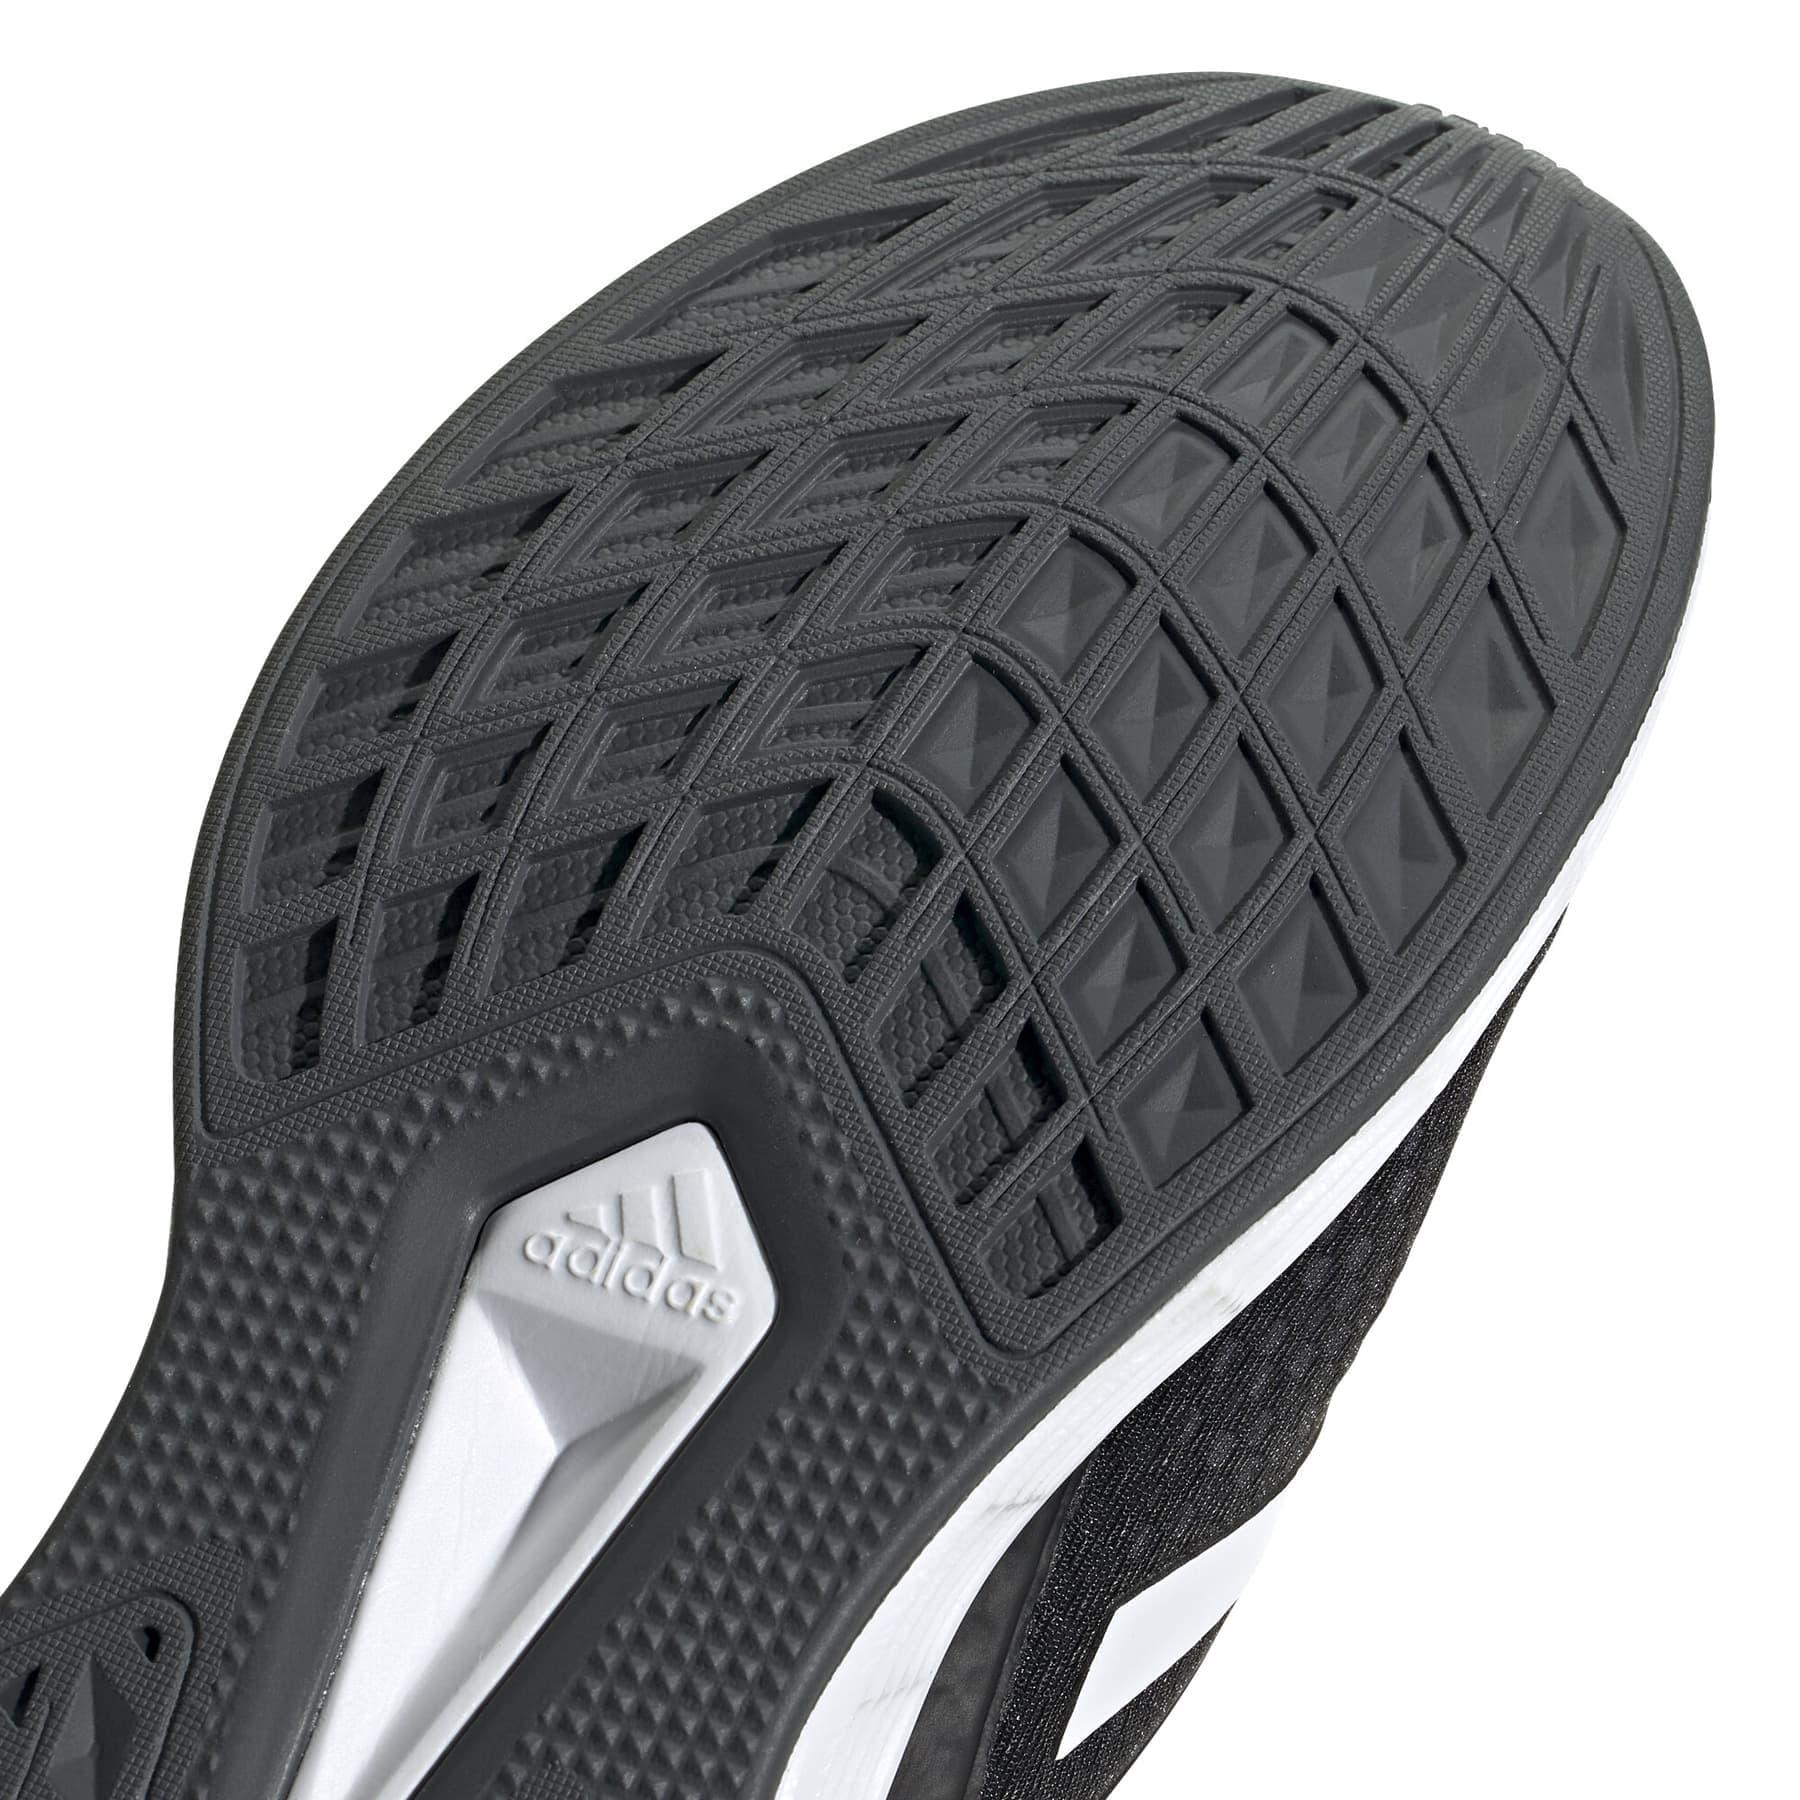 Duramo SL Kadın Siyah Koşu Ayakkabısı (FV8794)